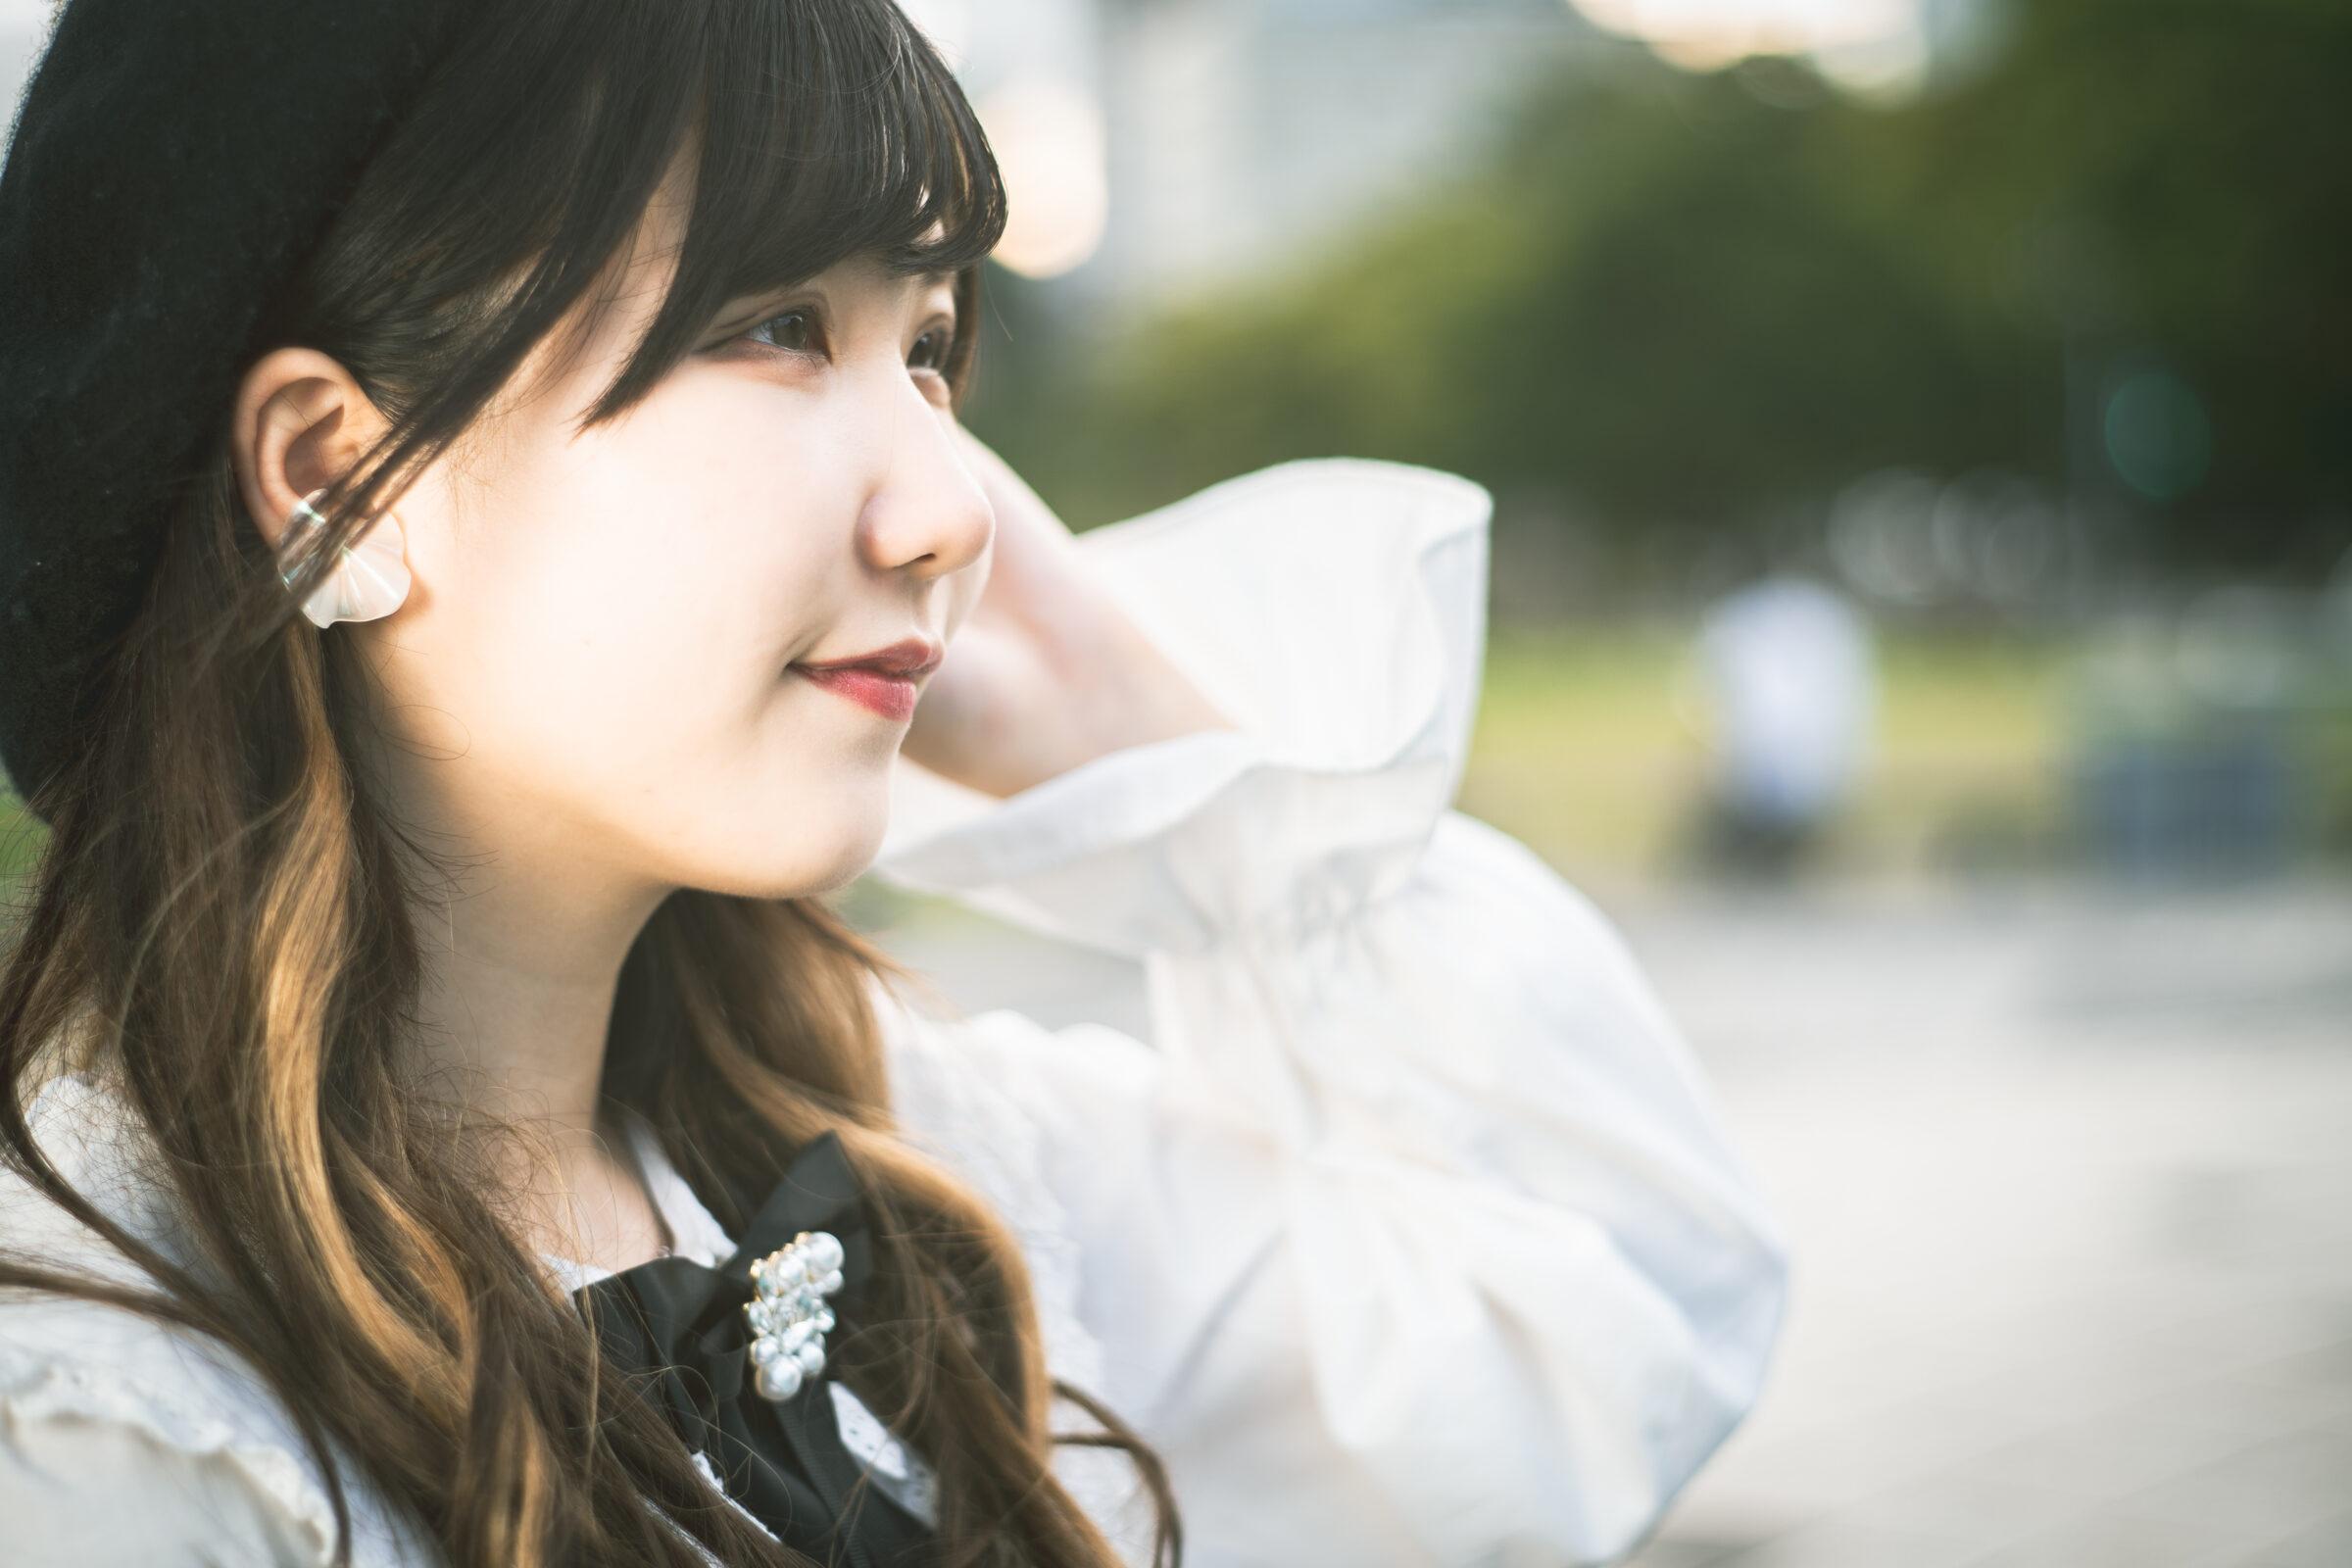 ぺろぺろきゃんでぃ🍭 おとは ( 前田音羽 ) | SMP 札幌モデルプロ撮影会